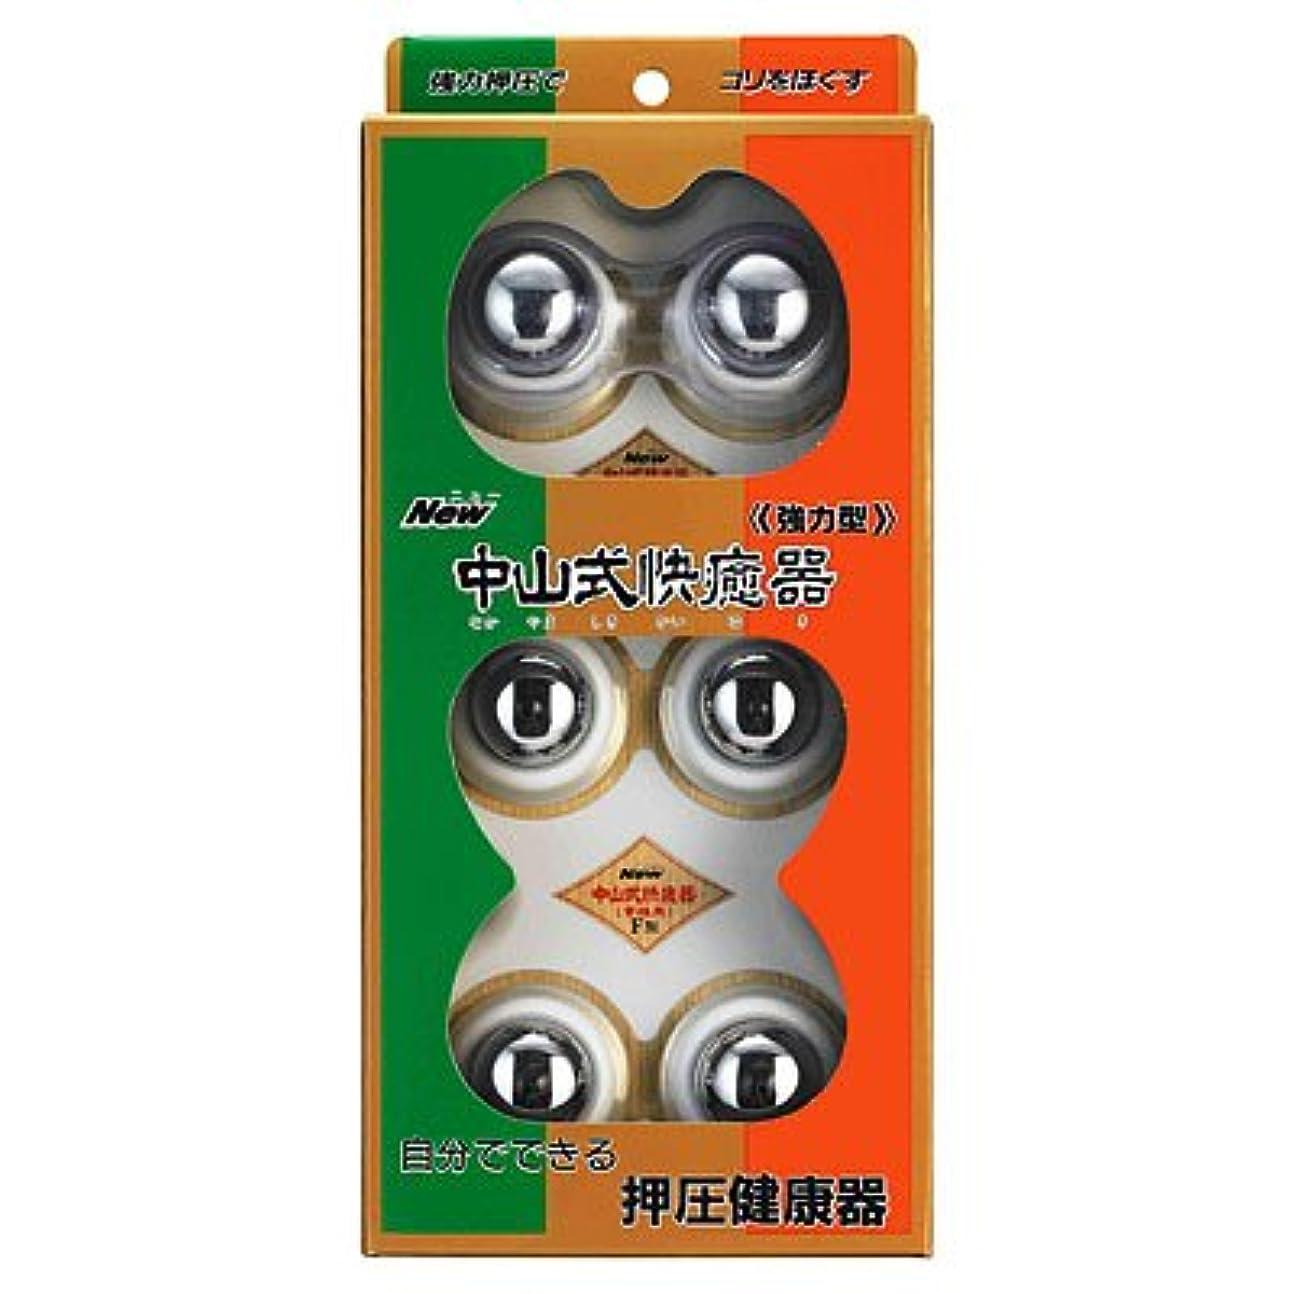 ホール神社書道中山式 快癒器 FKセット(2球式+4球式)強力型